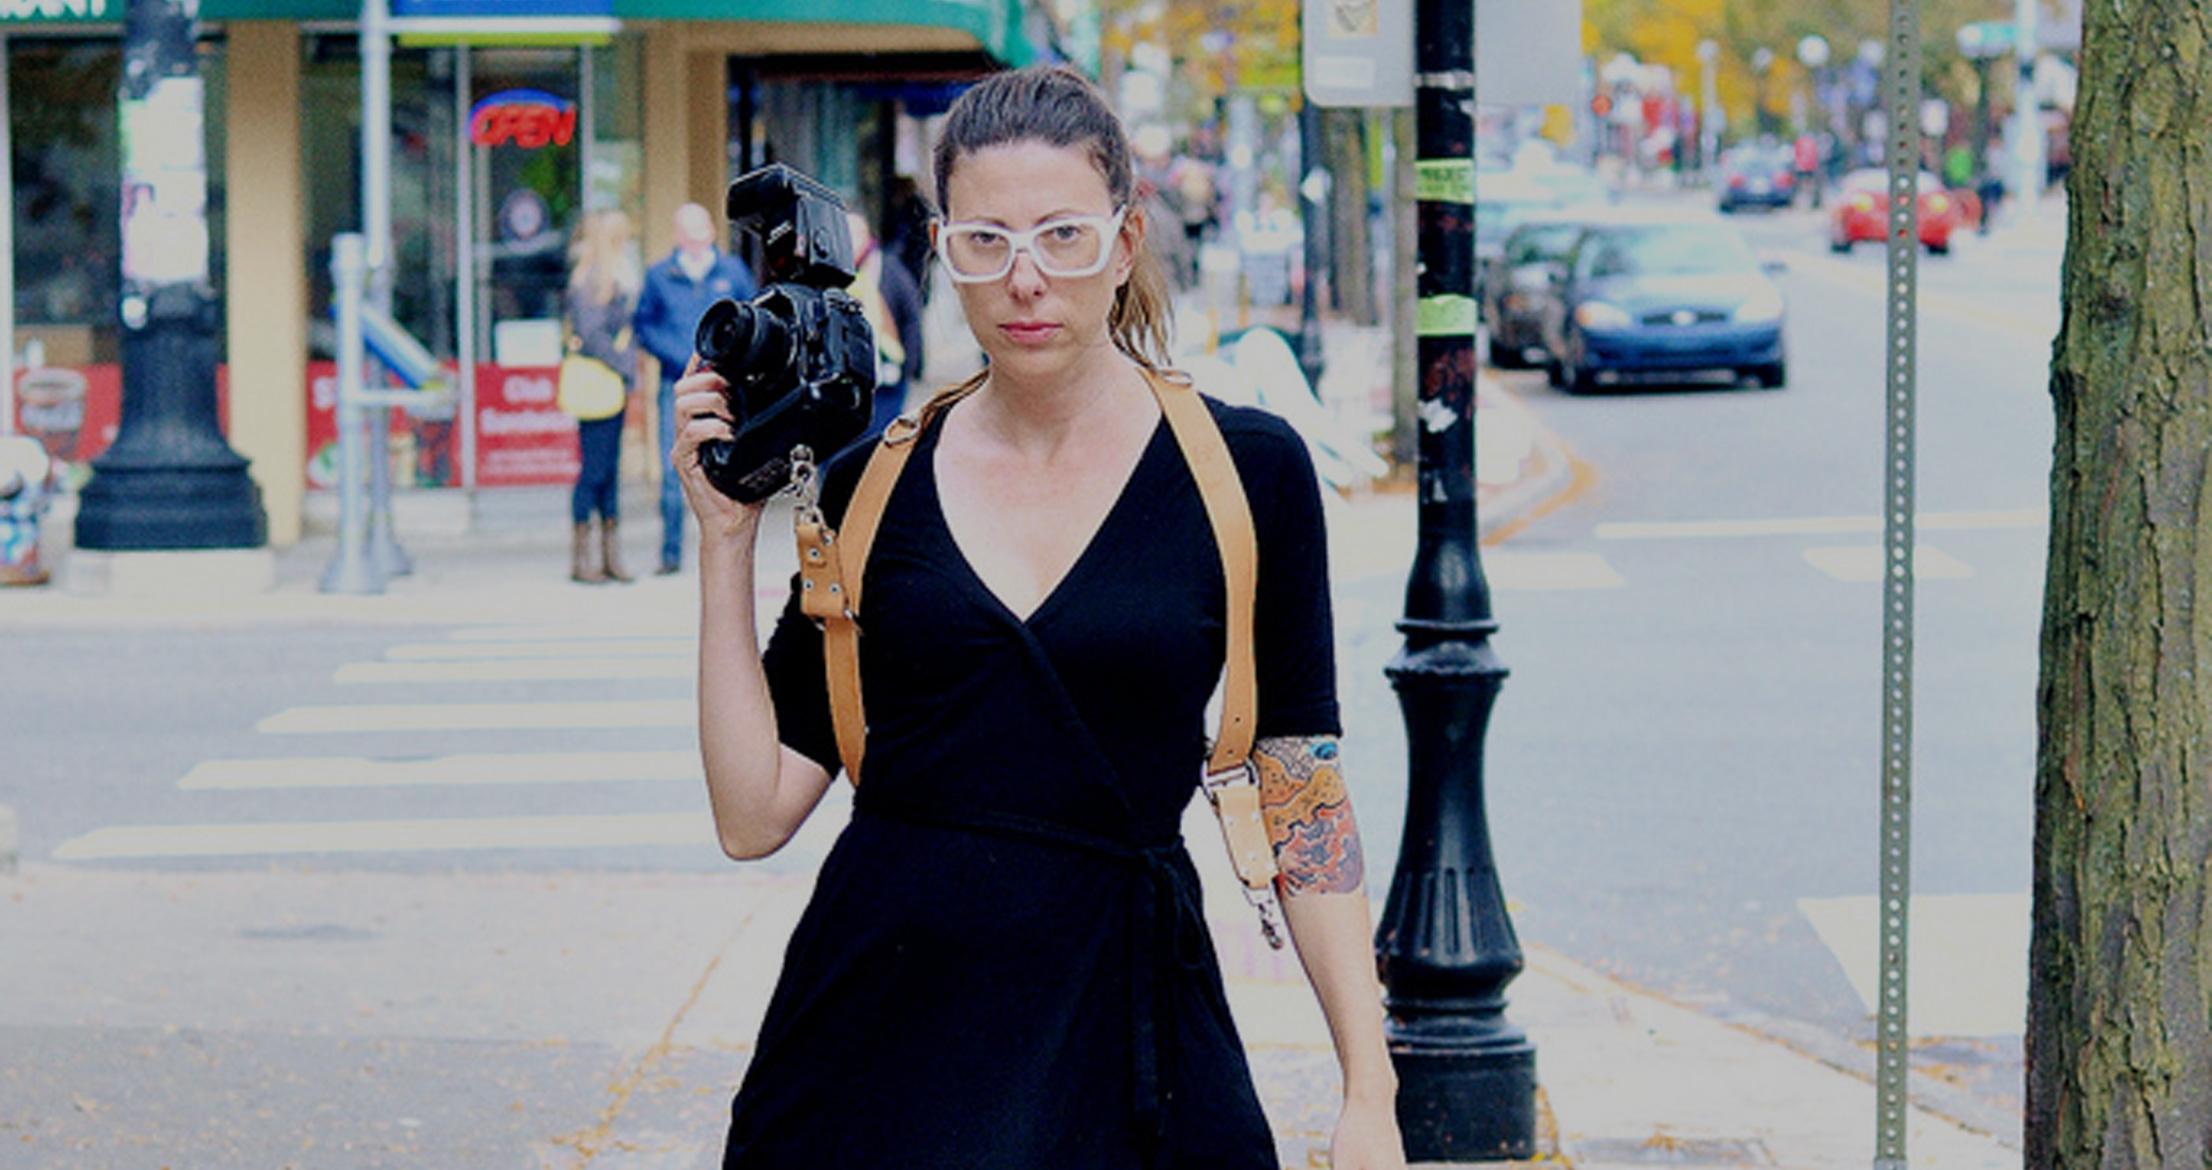 Melissa Squires